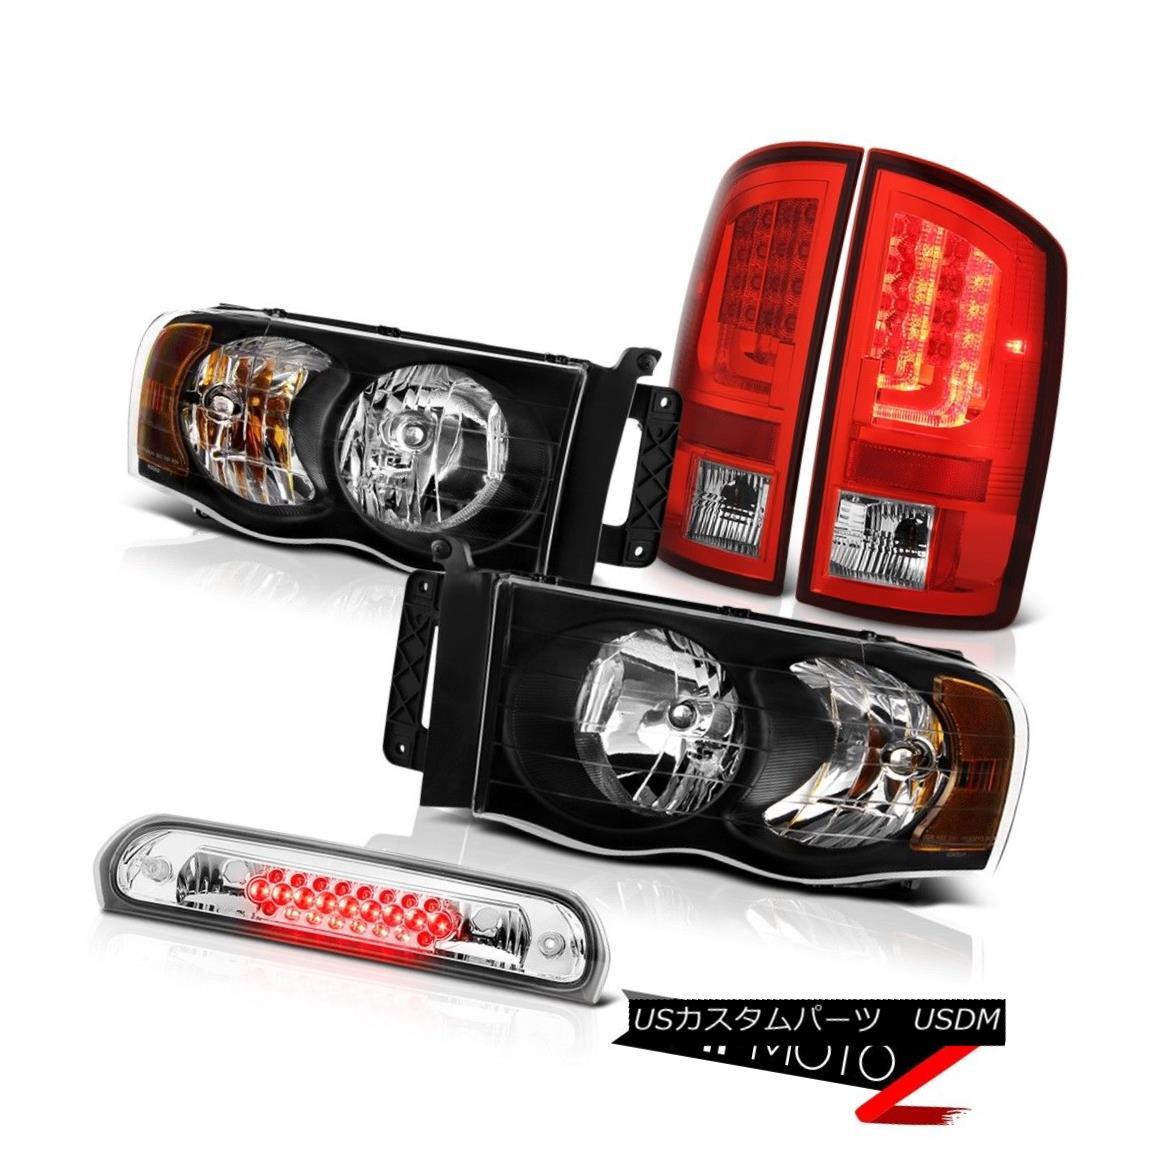 テールライト 2003-2005 Dodge Ram 1500 4.7L Red Taillights Headlamps Roof Cab Lamp